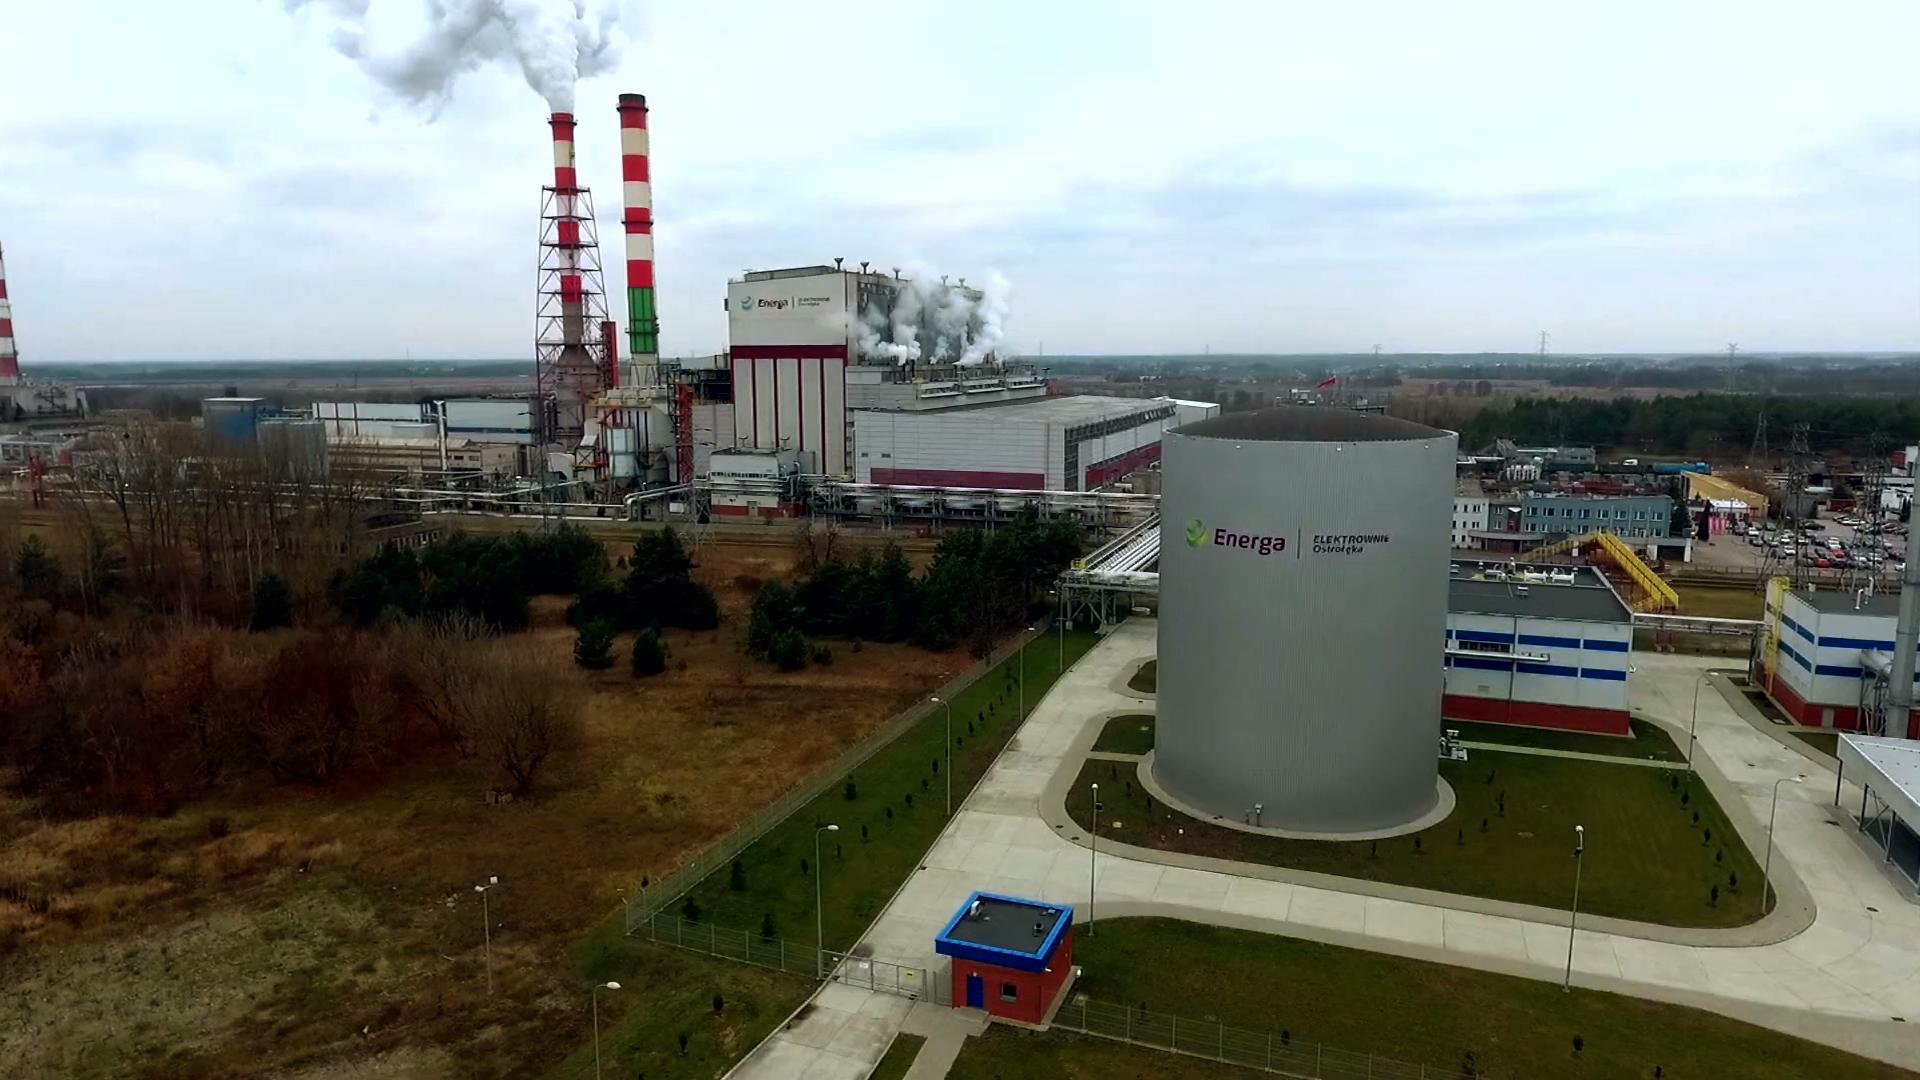 Polityczny klimat. Powstanie nowa elektrownia węglowa